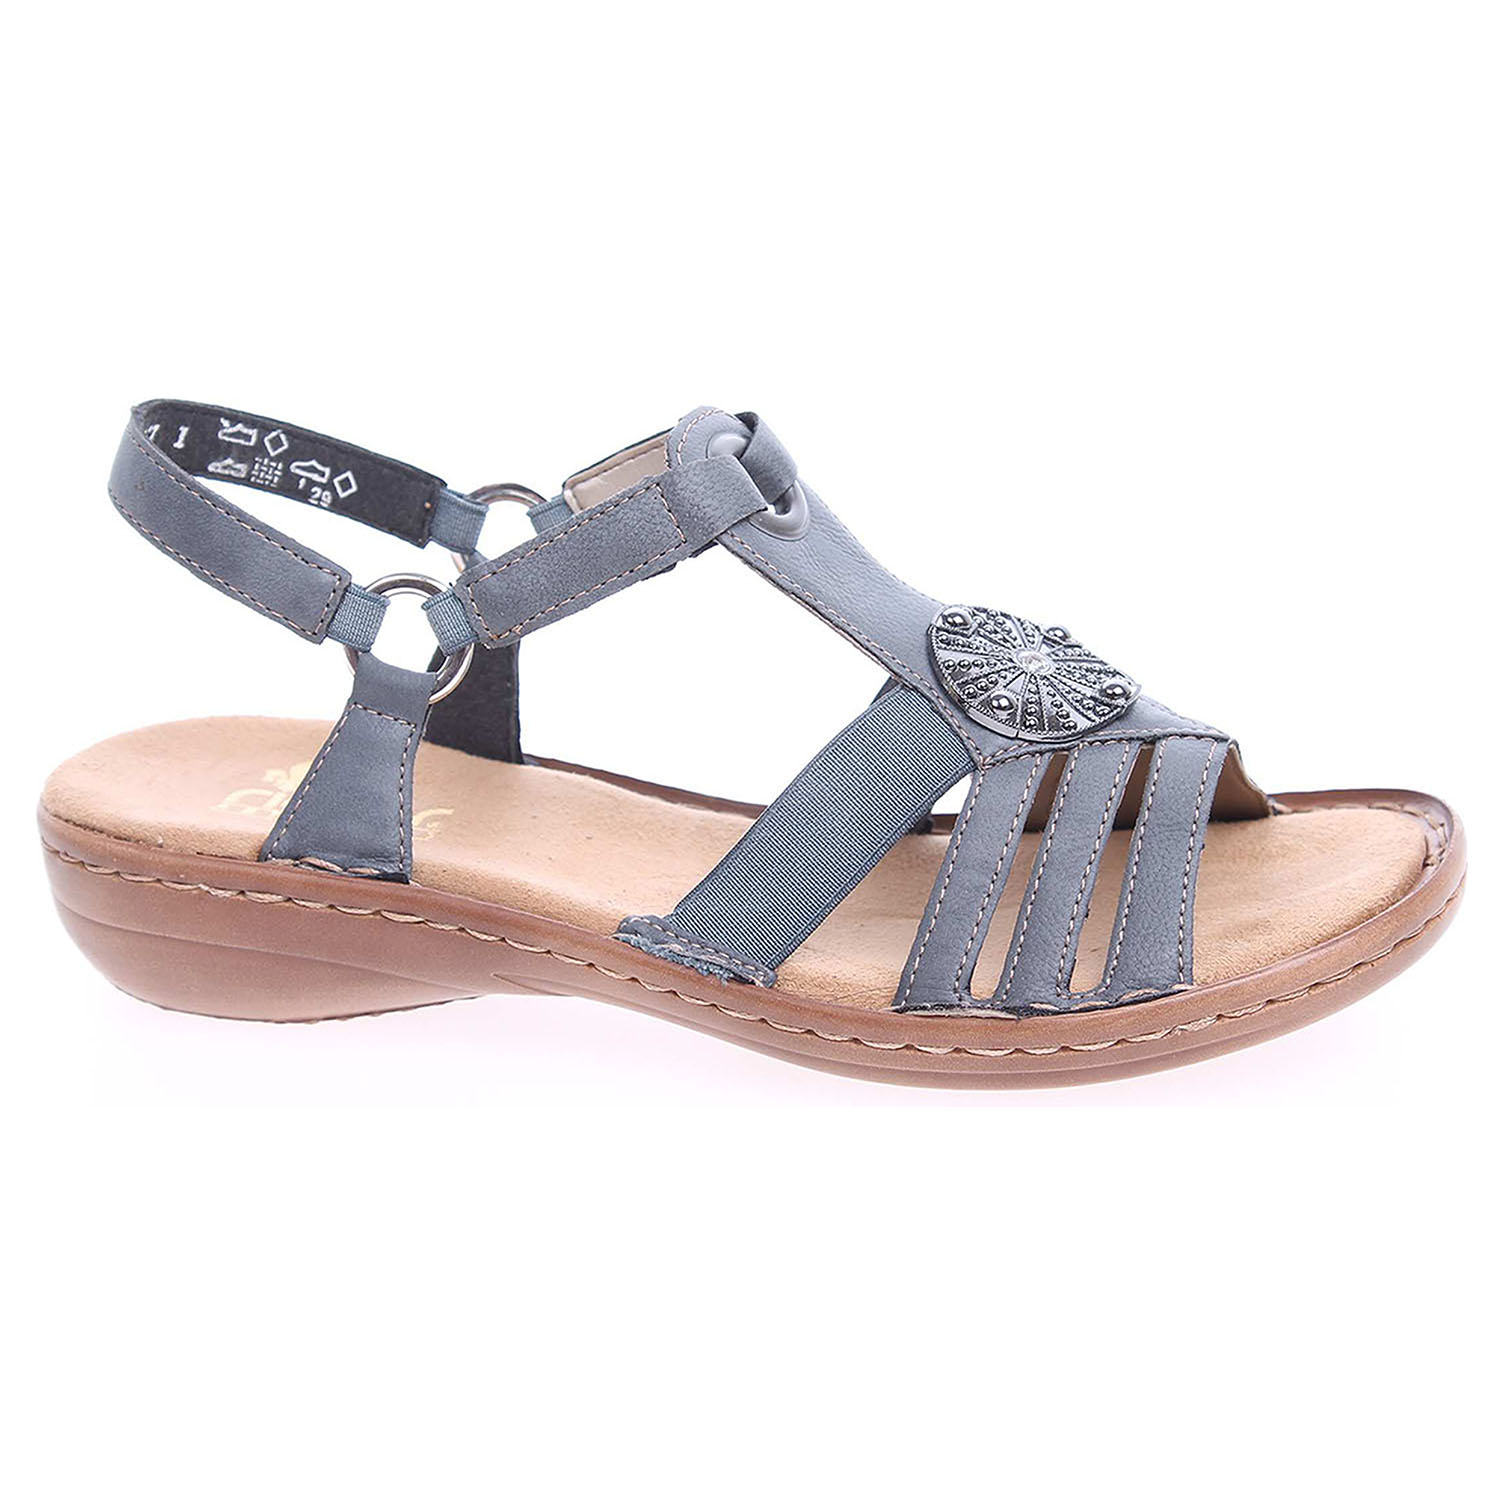 4137dcfbed72 detail Dámské sandály Rieker 60869-14 blau